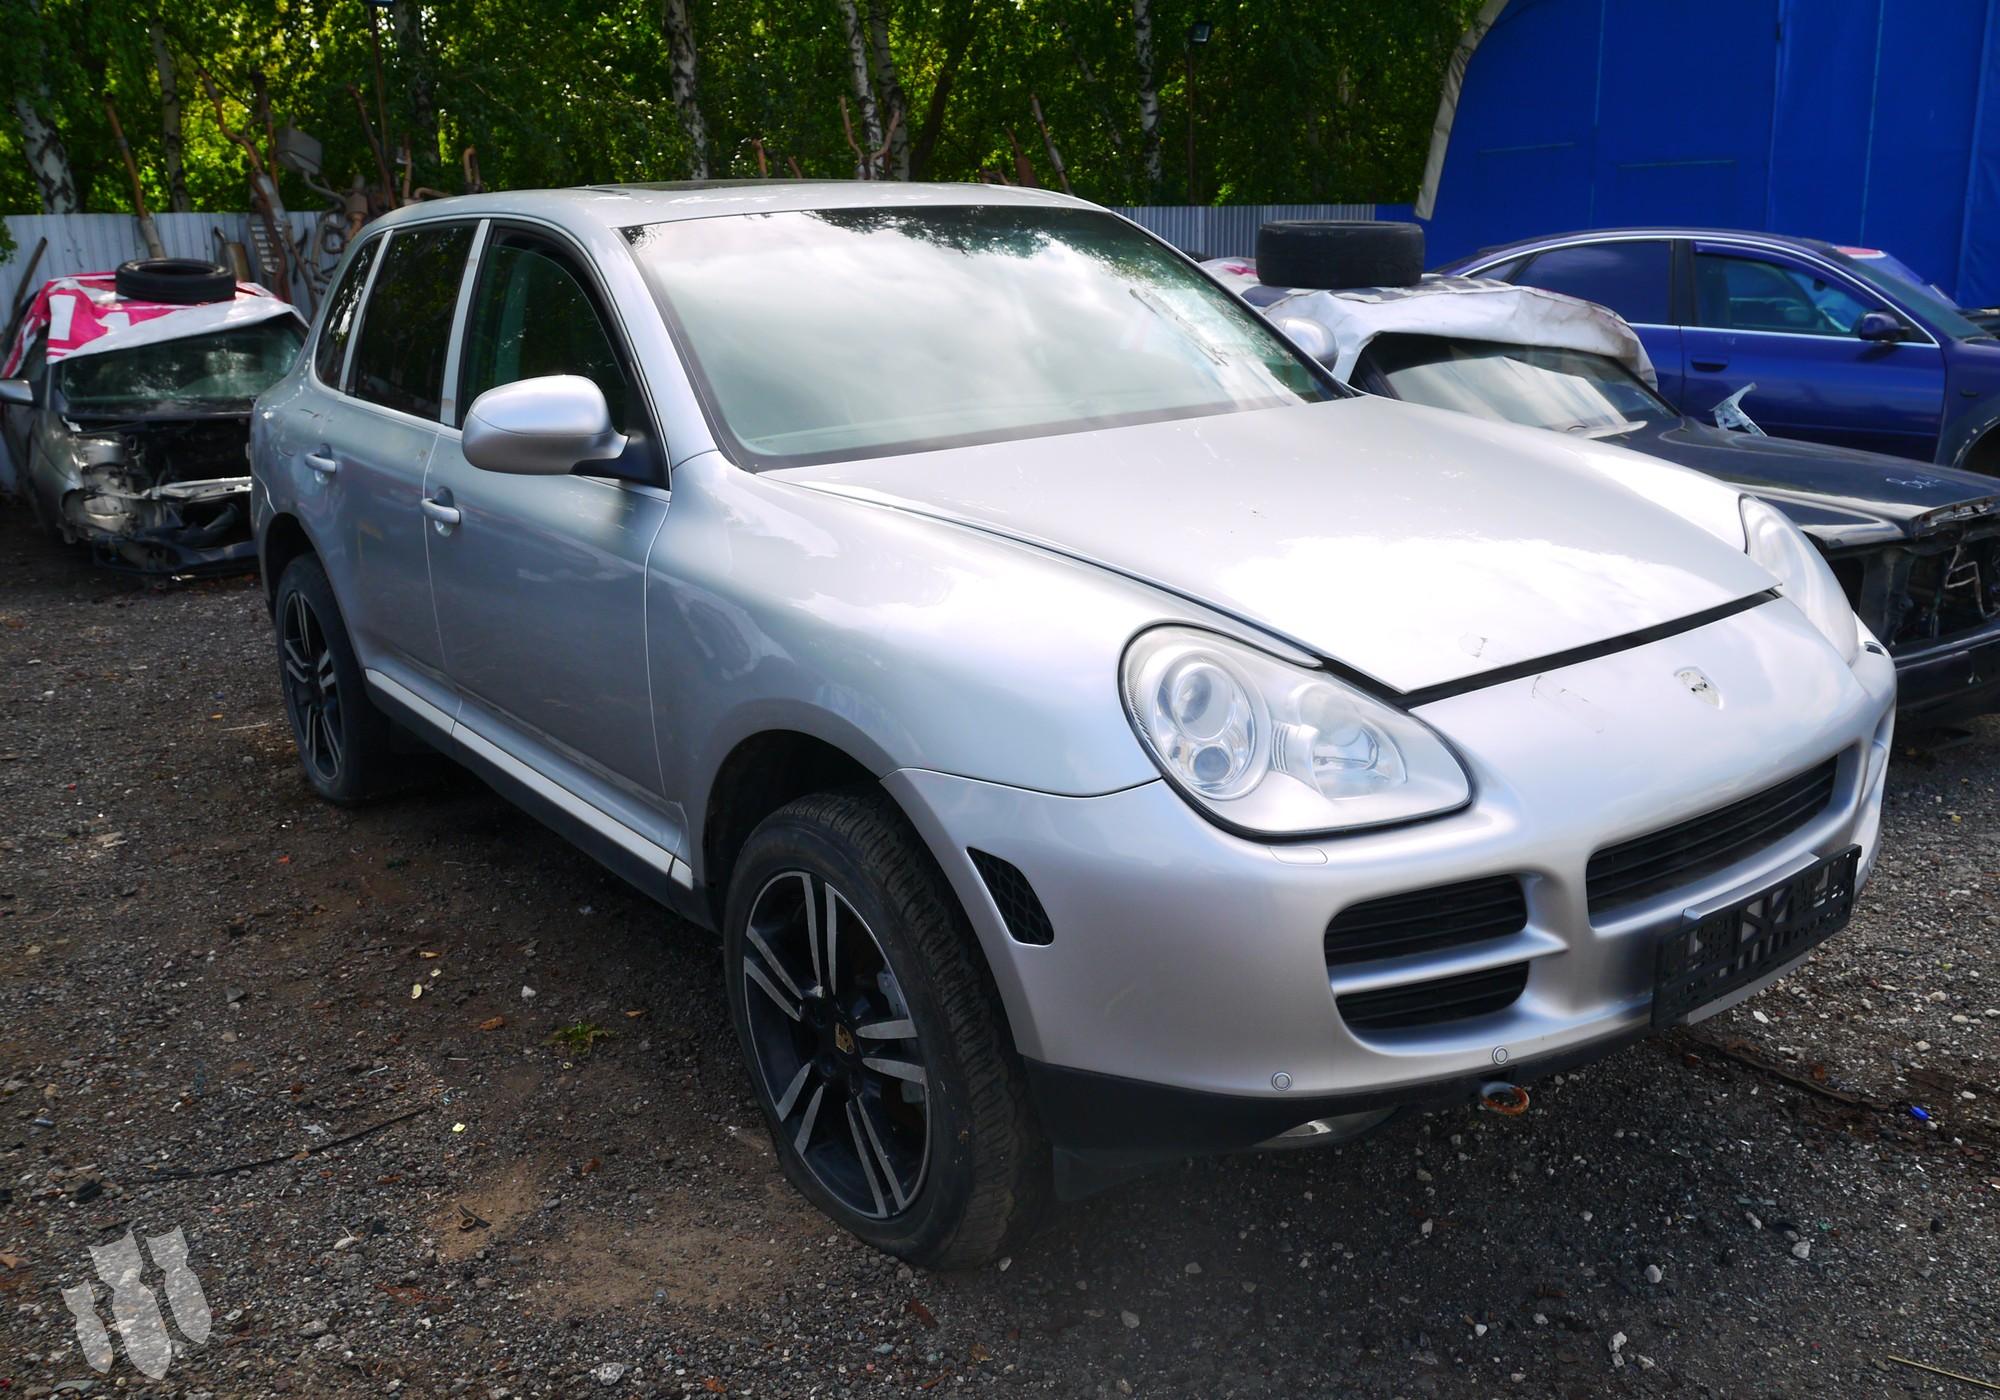 Porsche Cayenne I 2003 г. в разборе